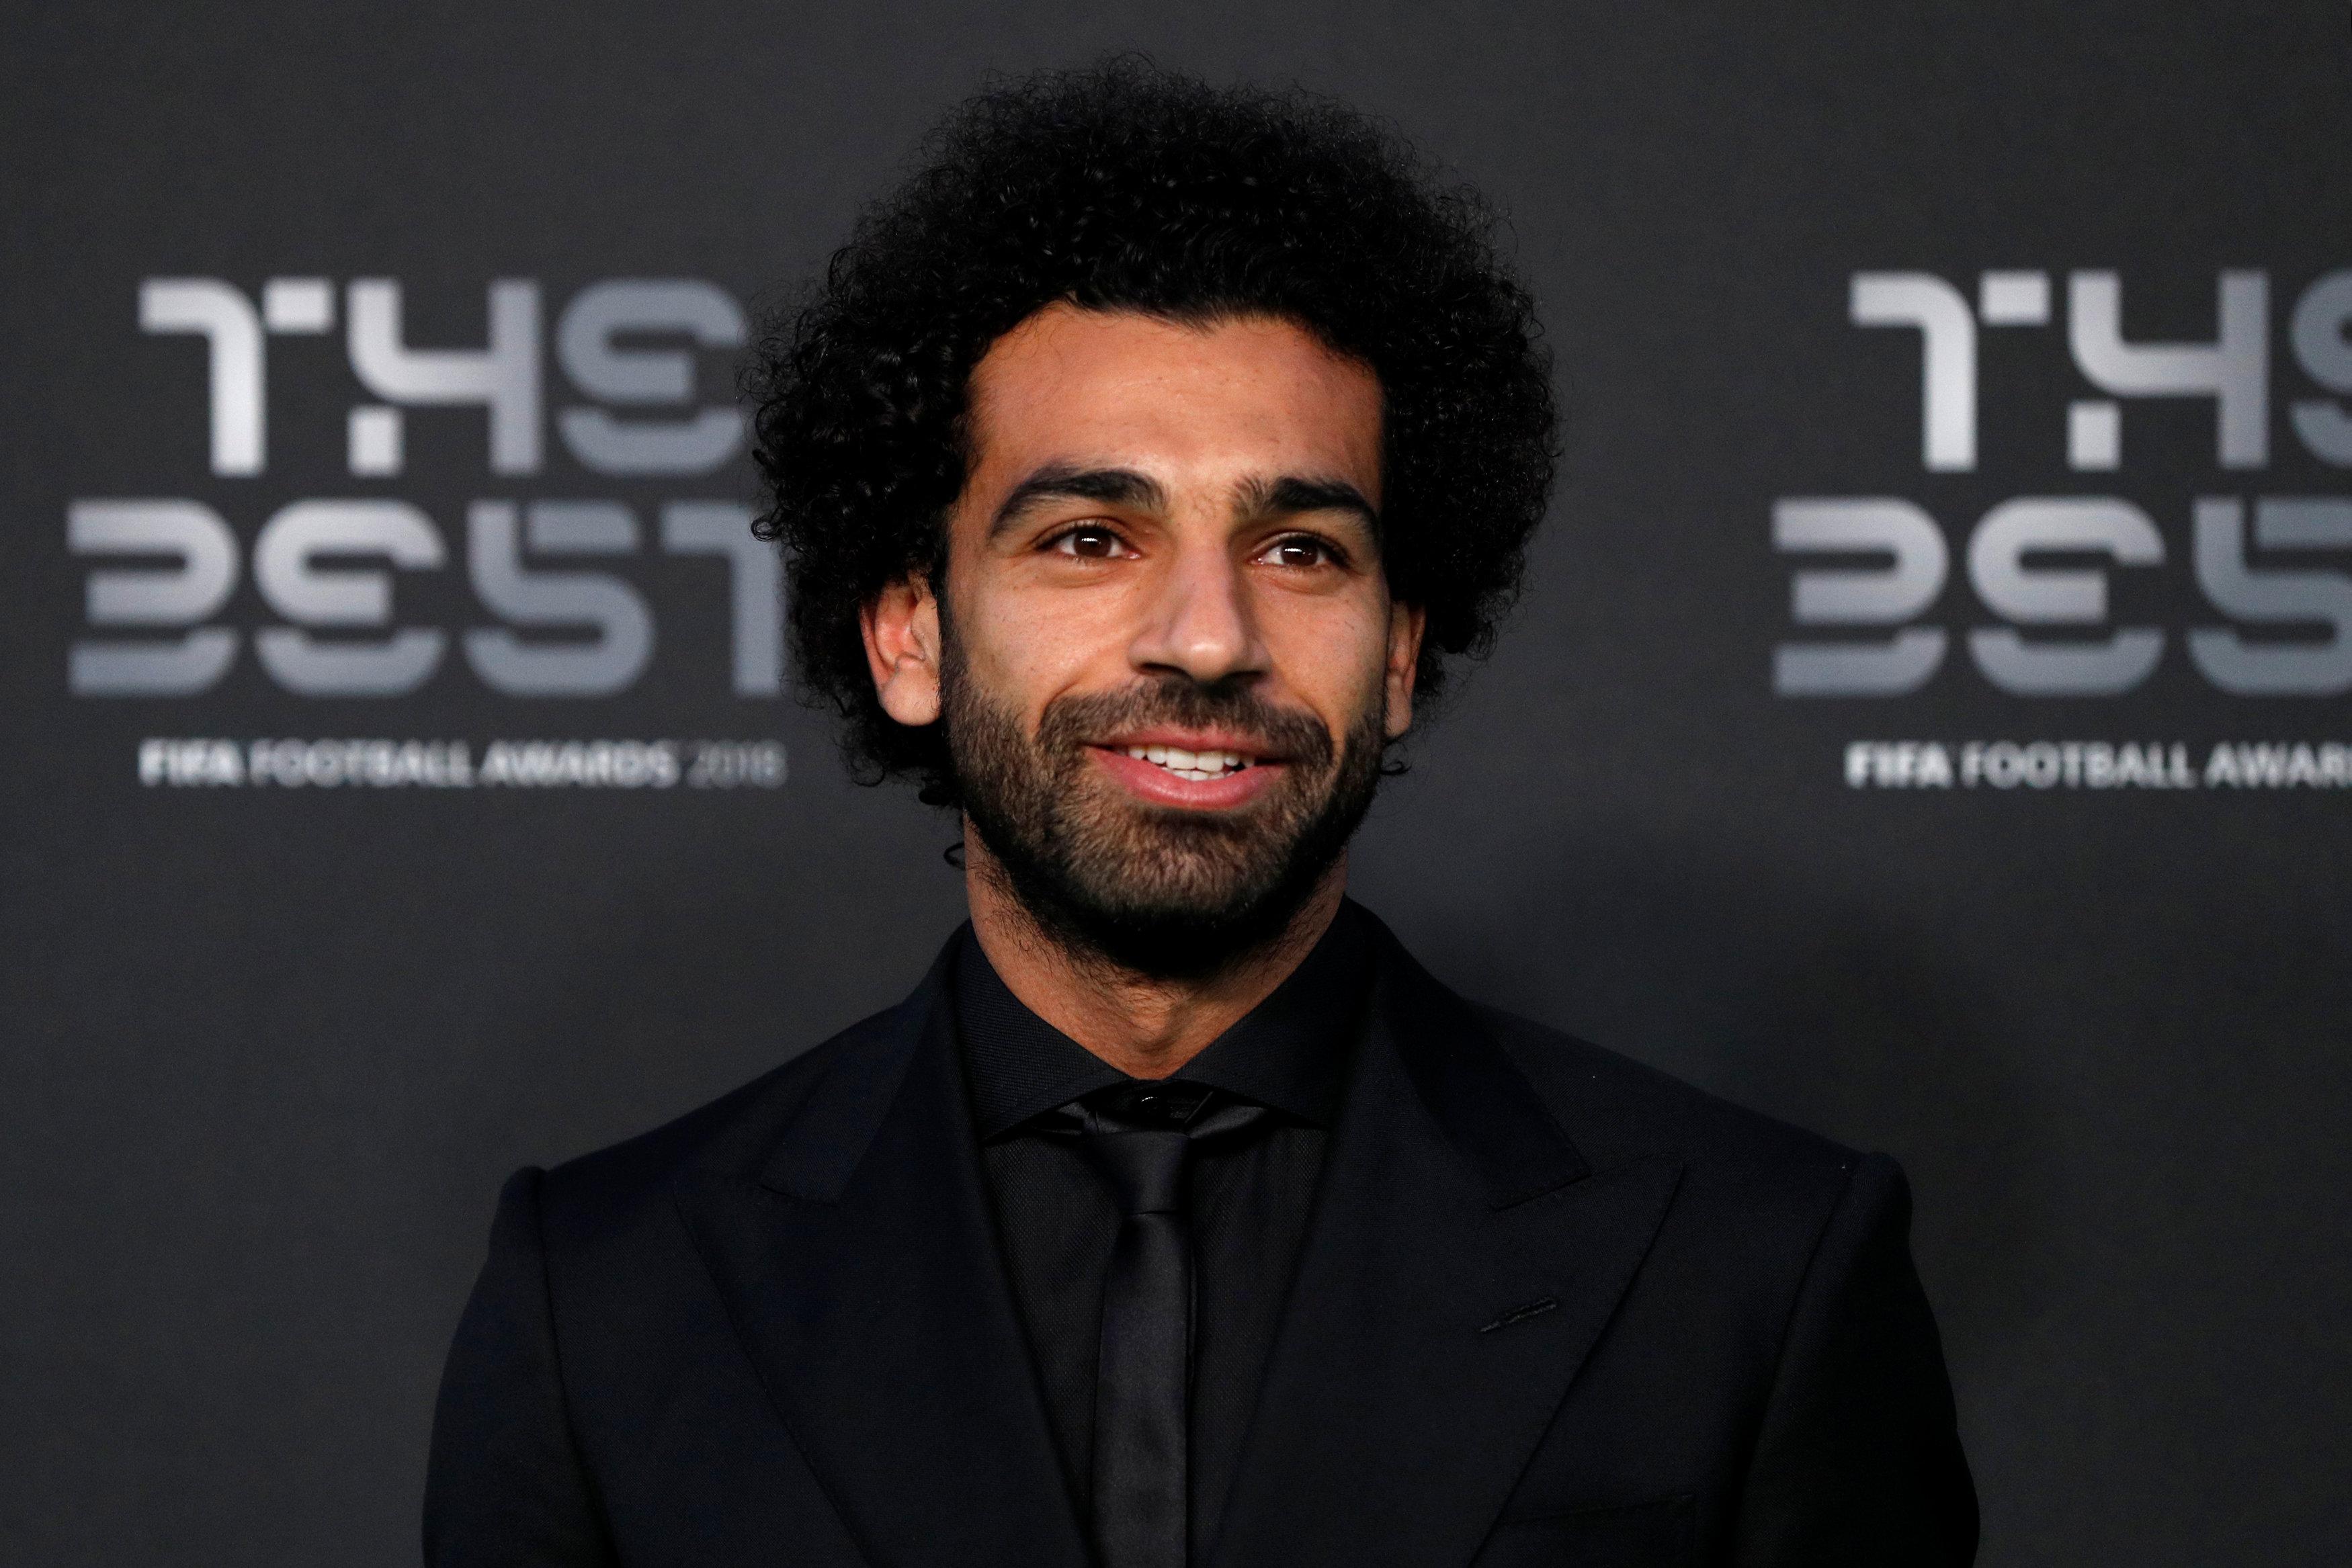 محمد صلاح يفوز بجائزة أفضل لاعب في الدوري الإنجليزي لشهر يناير